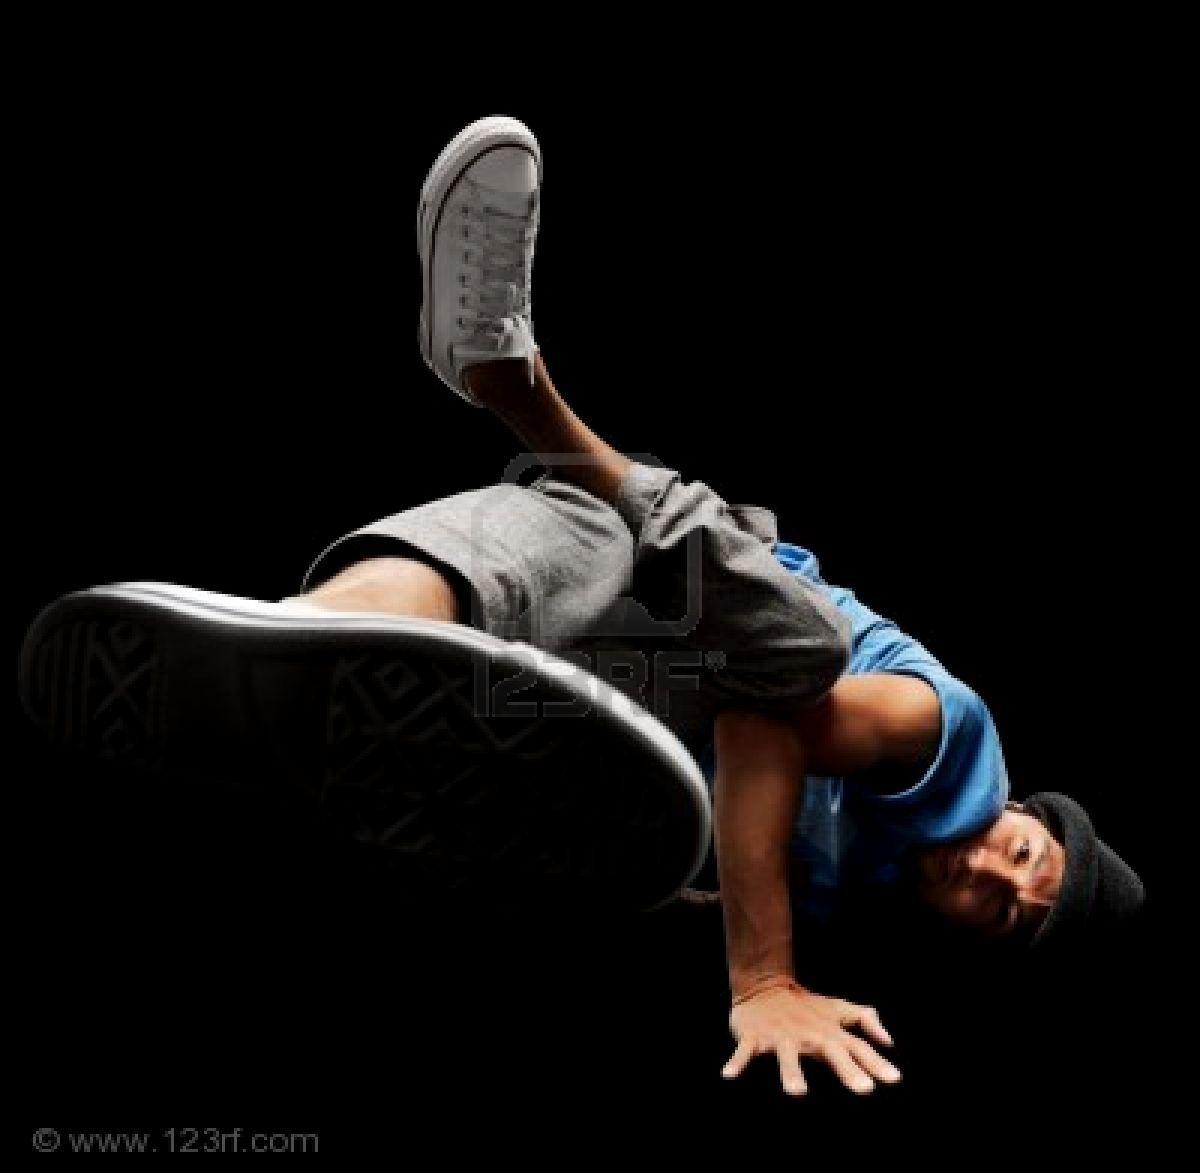 Hip Hop Dance Shoot on Pinterest | Hip Hop Dances, Hip hop and Dancer Quotes